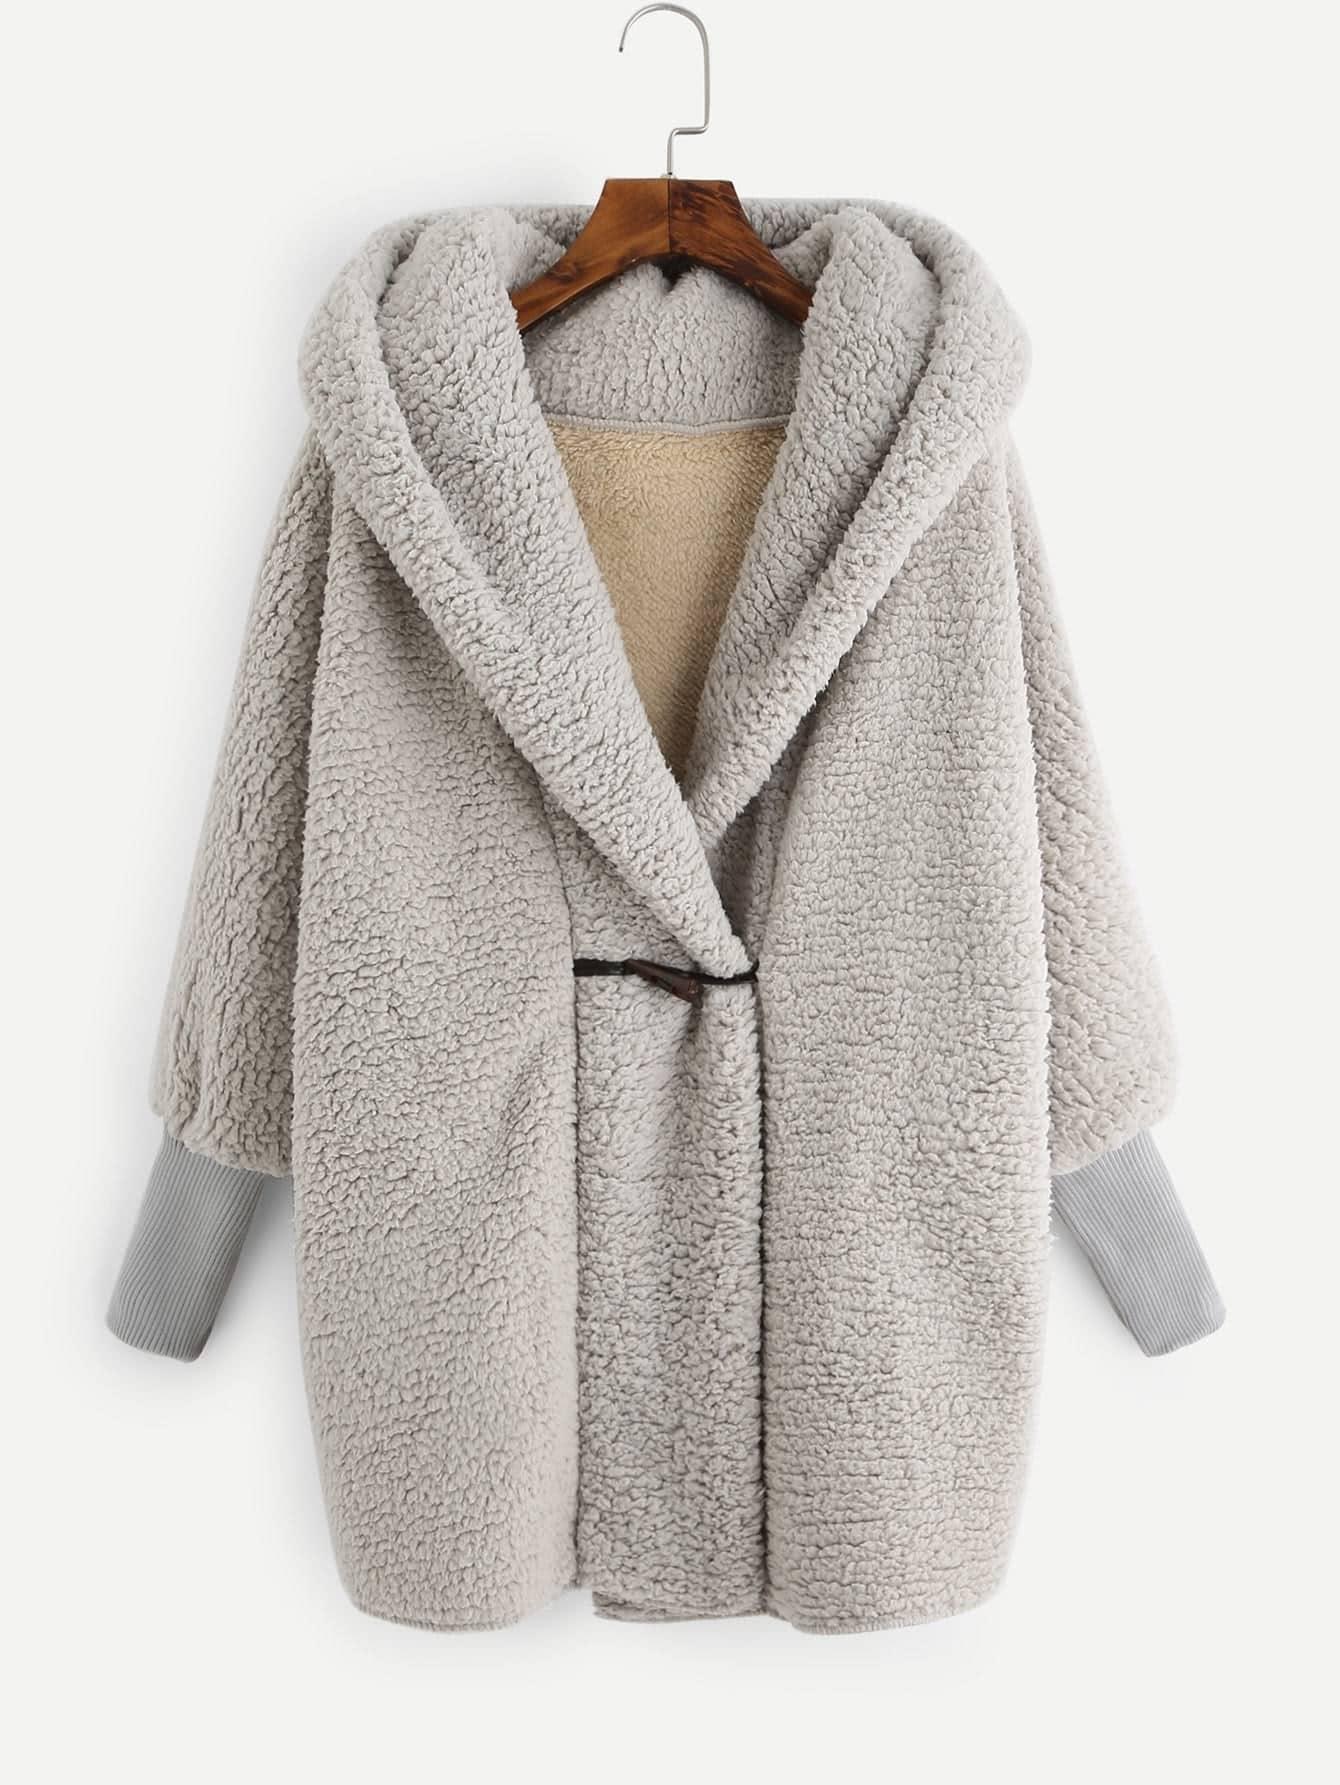 Hooded Fluffy Loose Teddy Coat -SheIn(Sheinside)